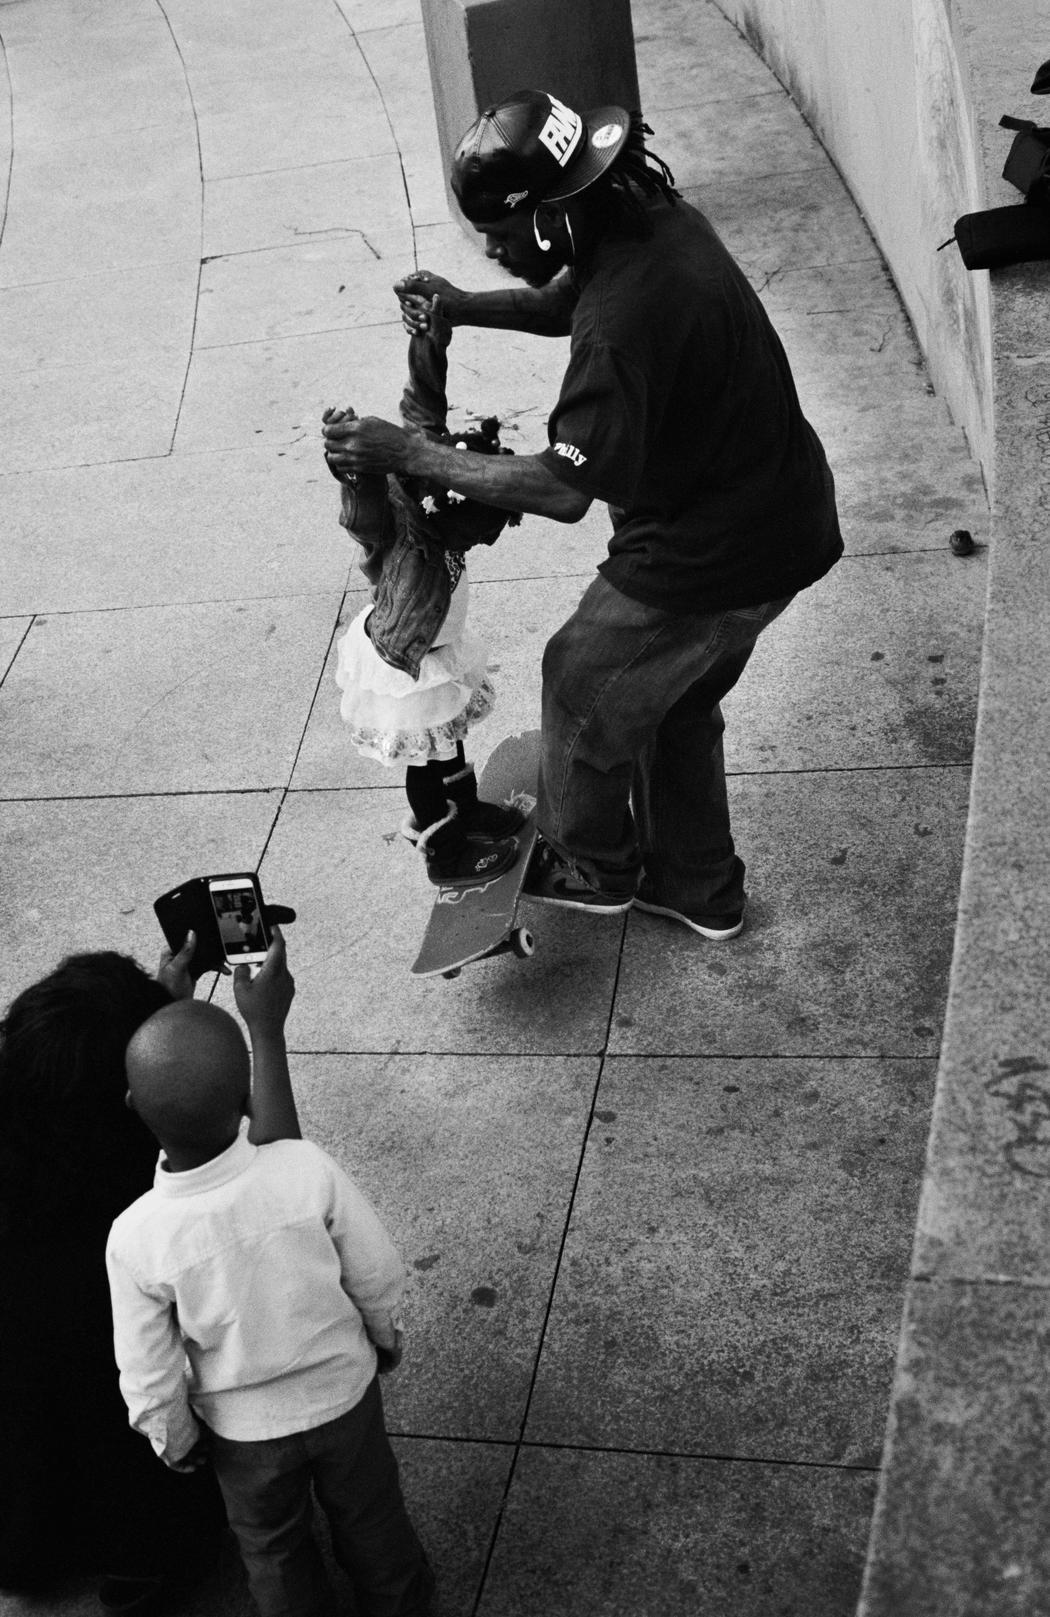 Photos from the last days of Philadelphia's legendary skate spot LOVE Park. https://t.co/3XJc6P9KLI https://t.co/Exz9gjsuXb